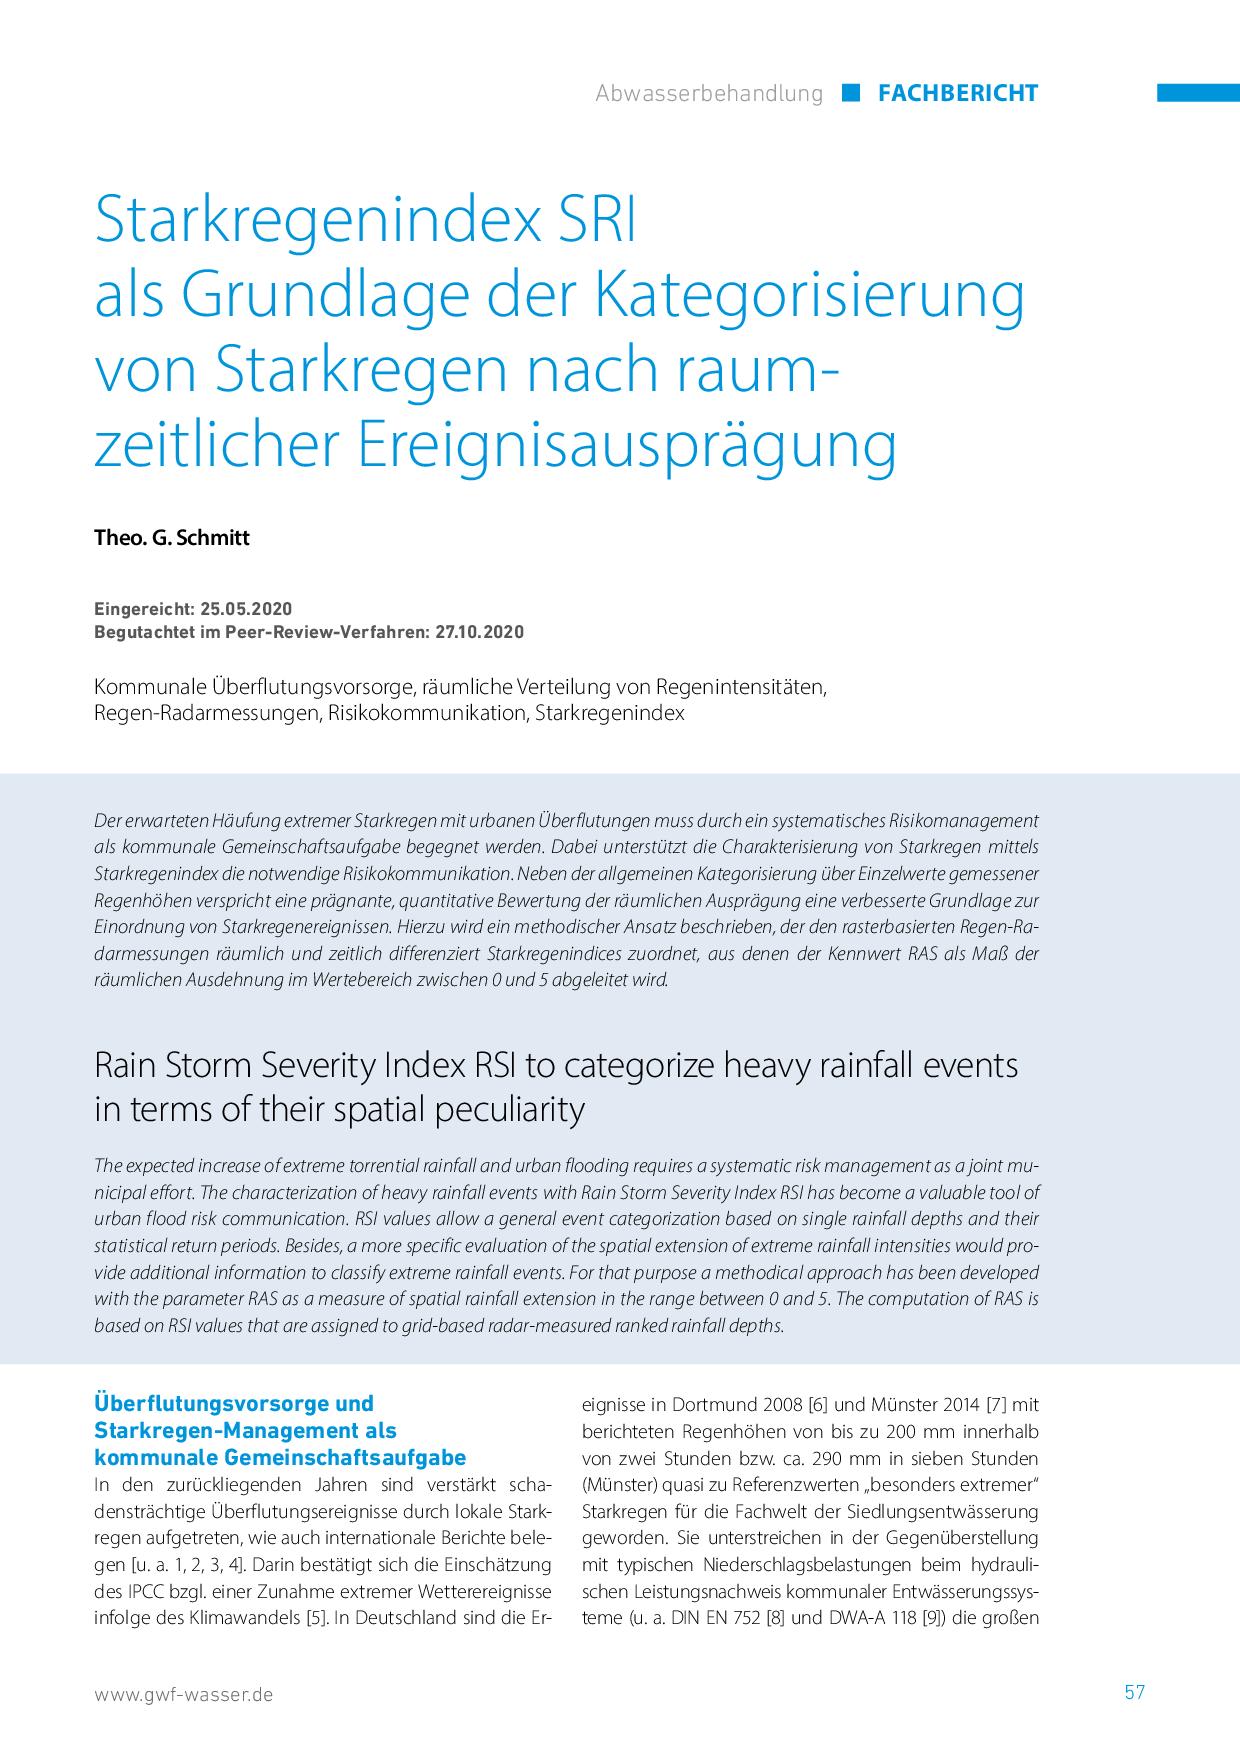 Starkregenindex SRI als Grundlage der Kategorisierung von Starkregen nach raumzeitlicher Ereignisausprägung